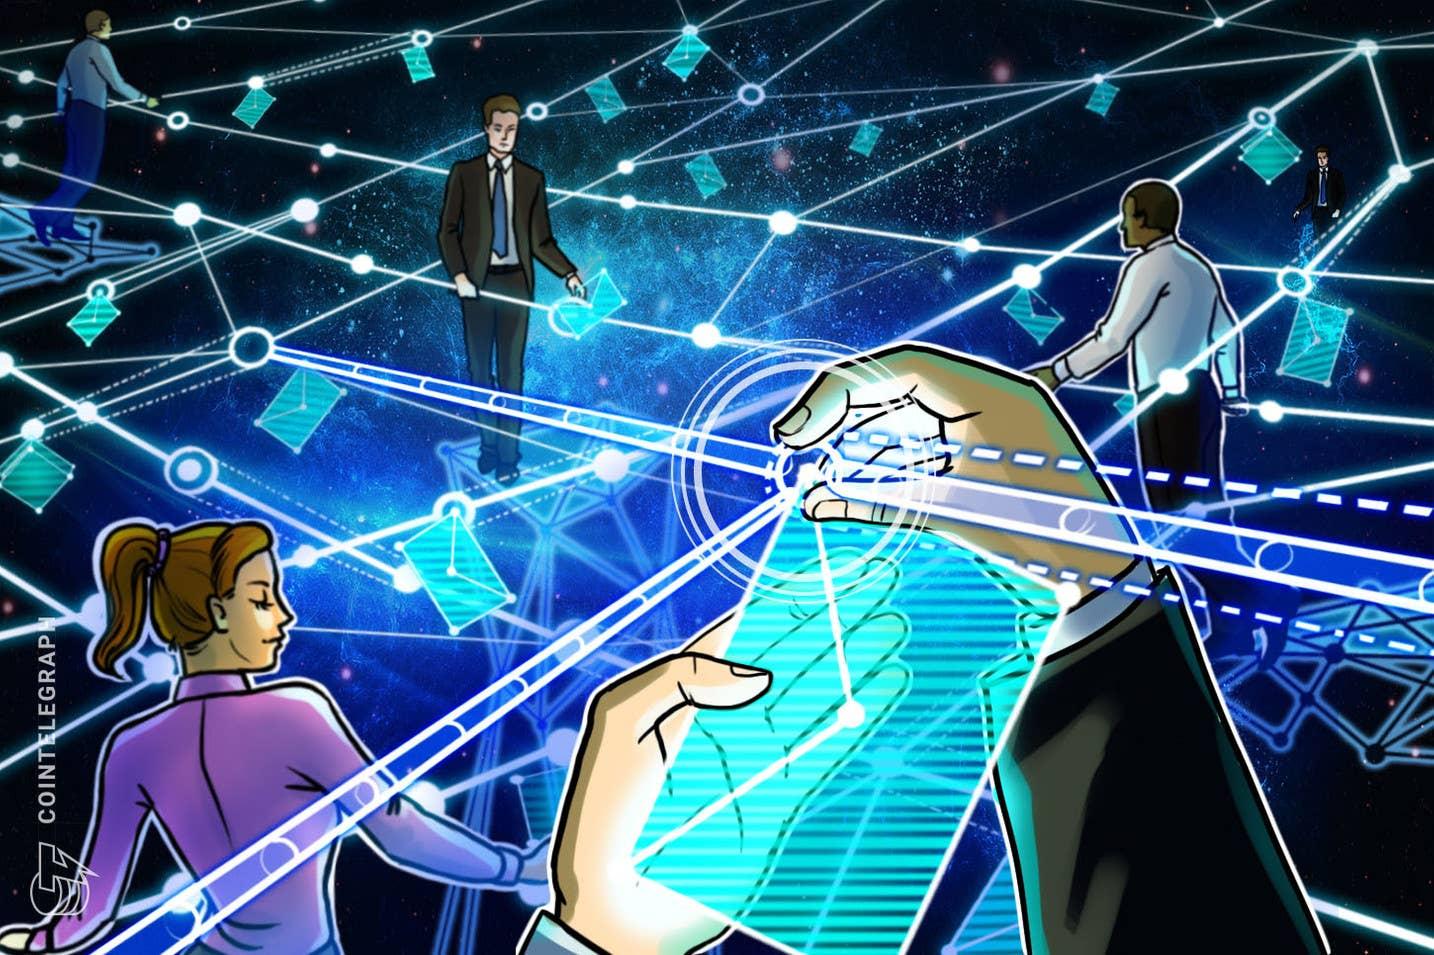 Vystytis arba mirti: kaip išmaniosios sutartys keičia kriptovaliutų sektoriaus jėgų pusiausvyrą